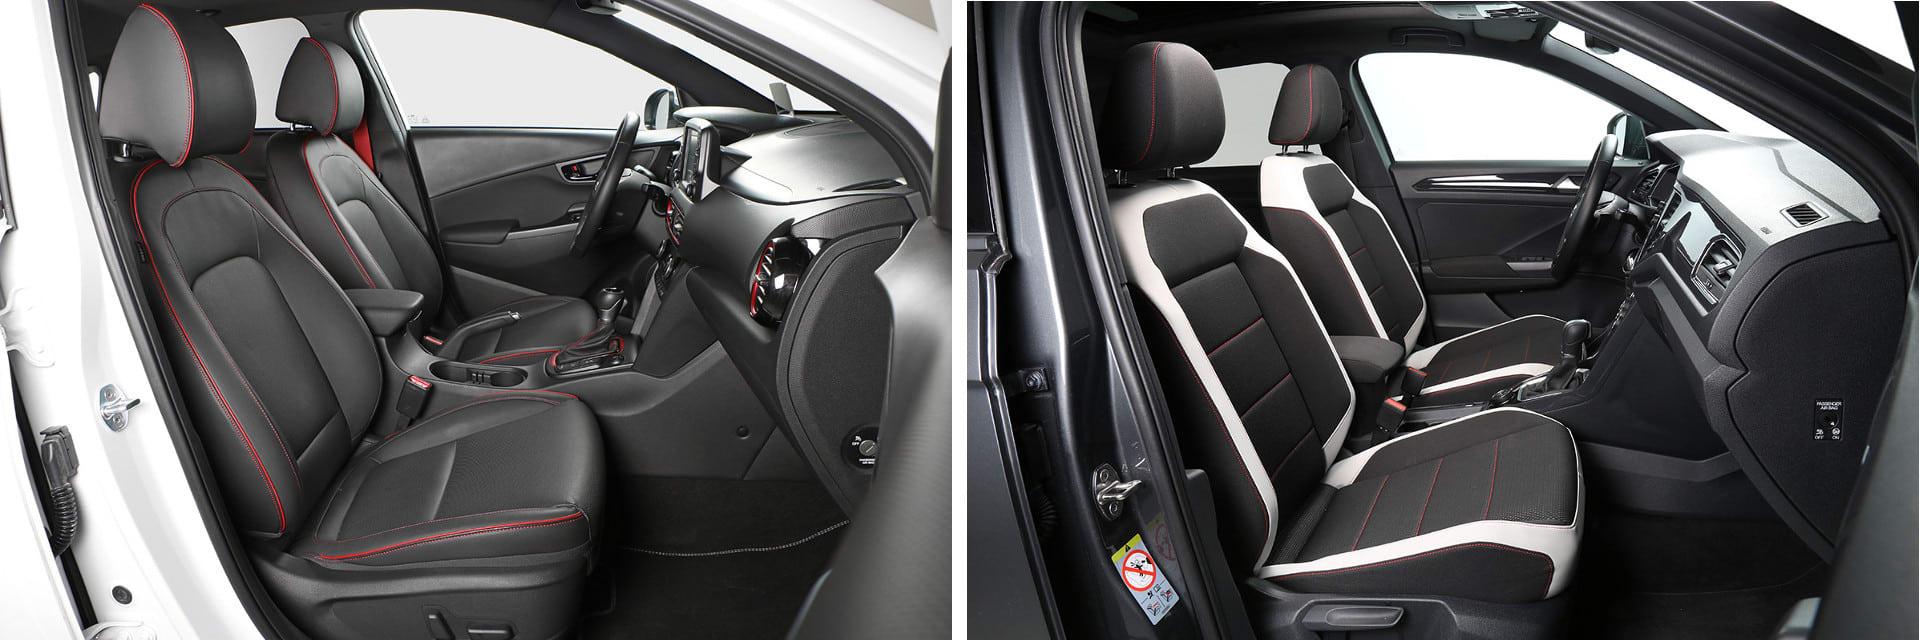 Si bien los asientos del Kona (izq.) son ventilados, los del Volkswagen T-Roc no (dcha.)